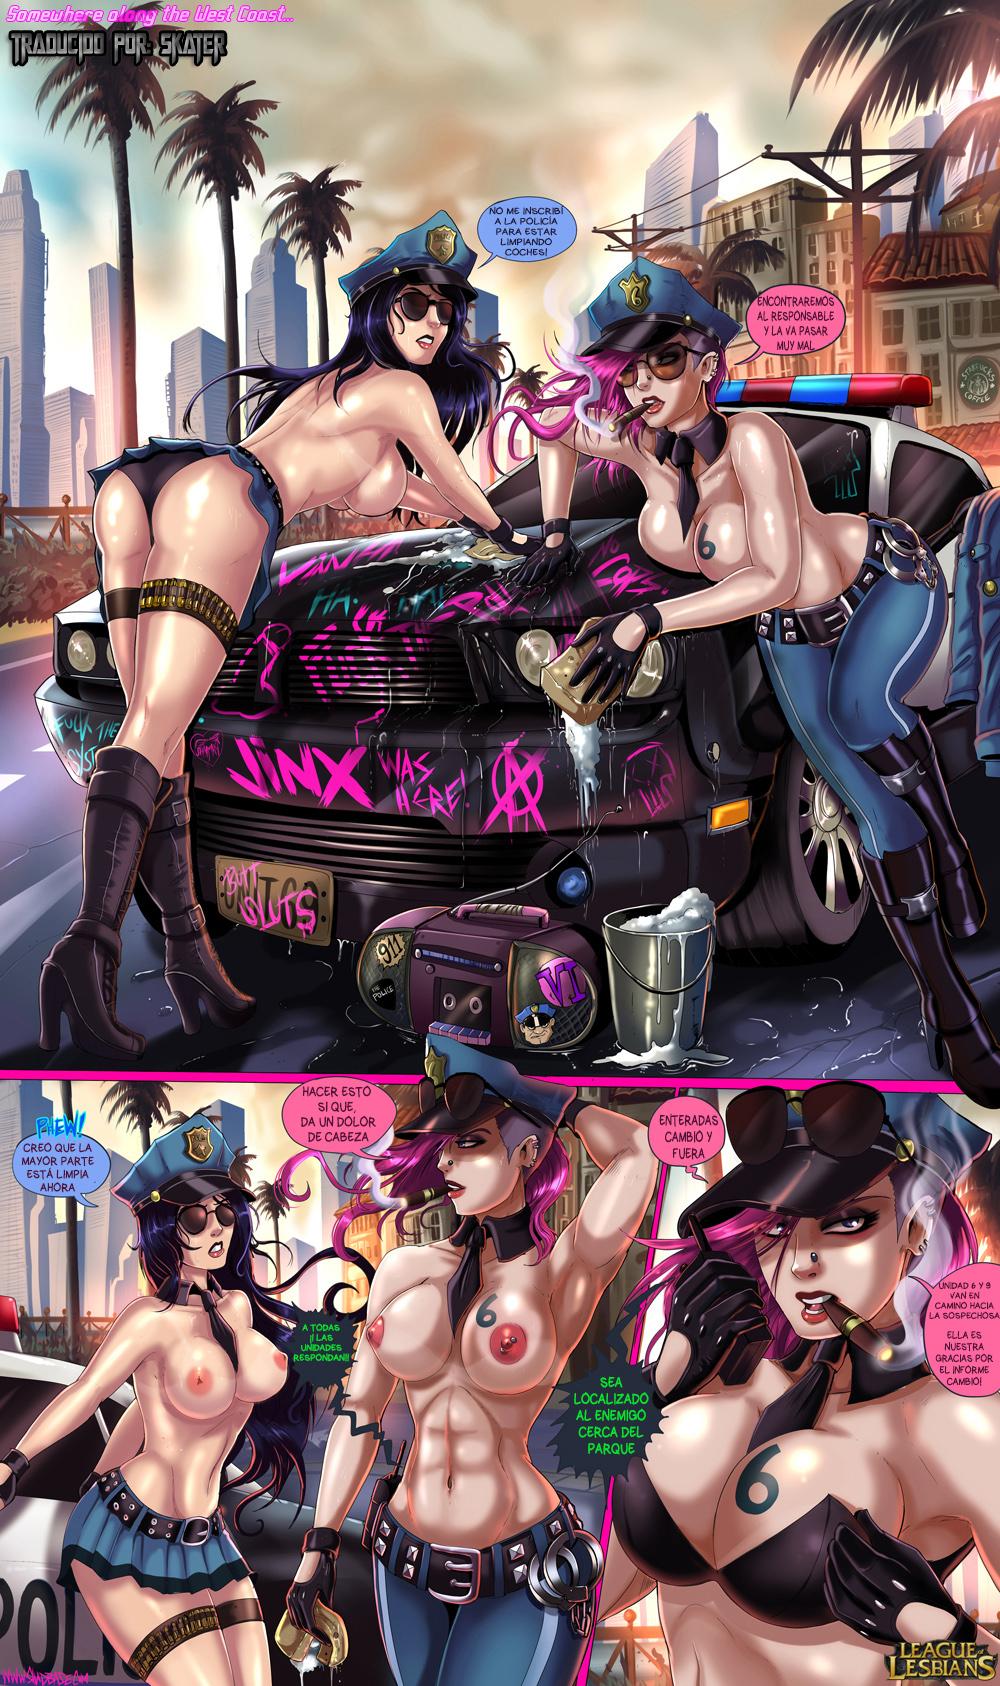 Juego de lesbianas 5 - 2 part 2